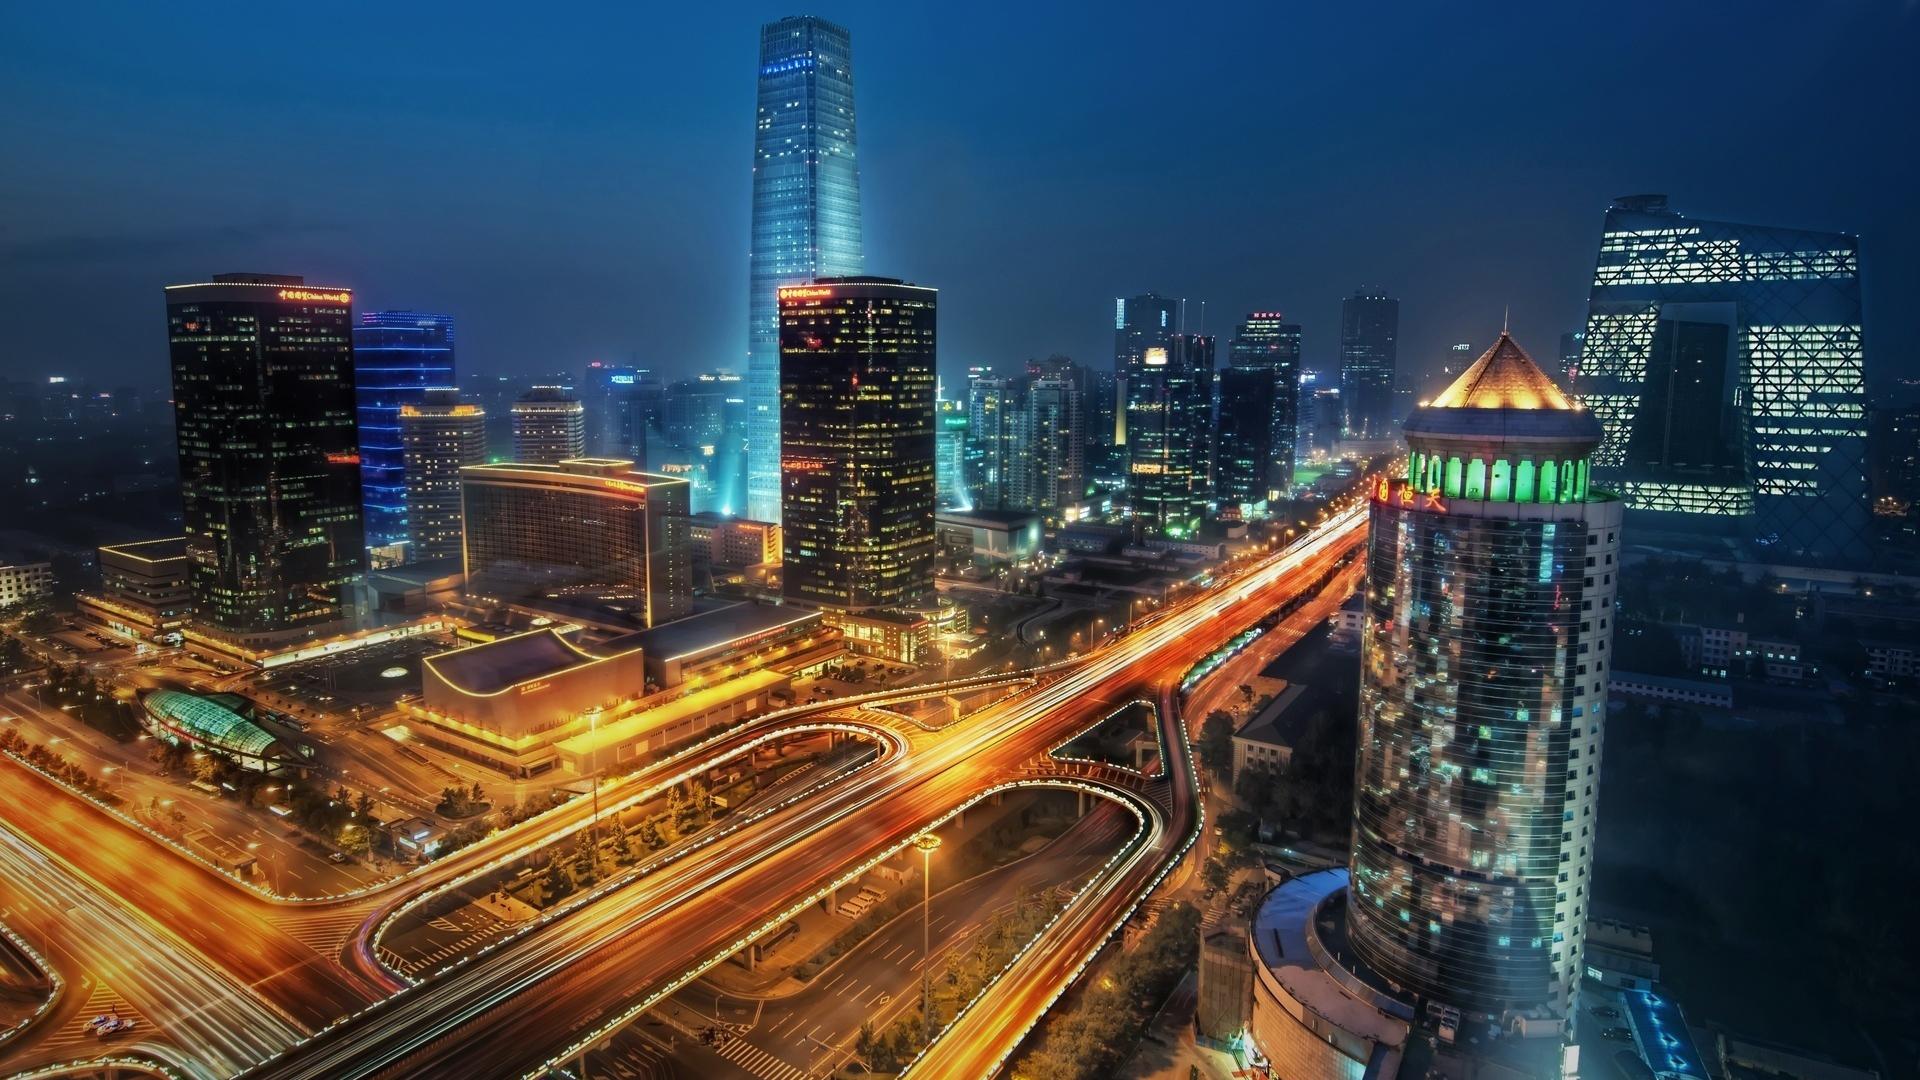 Beijing fantasy city full hd wallpaper 1080p 1920x1080